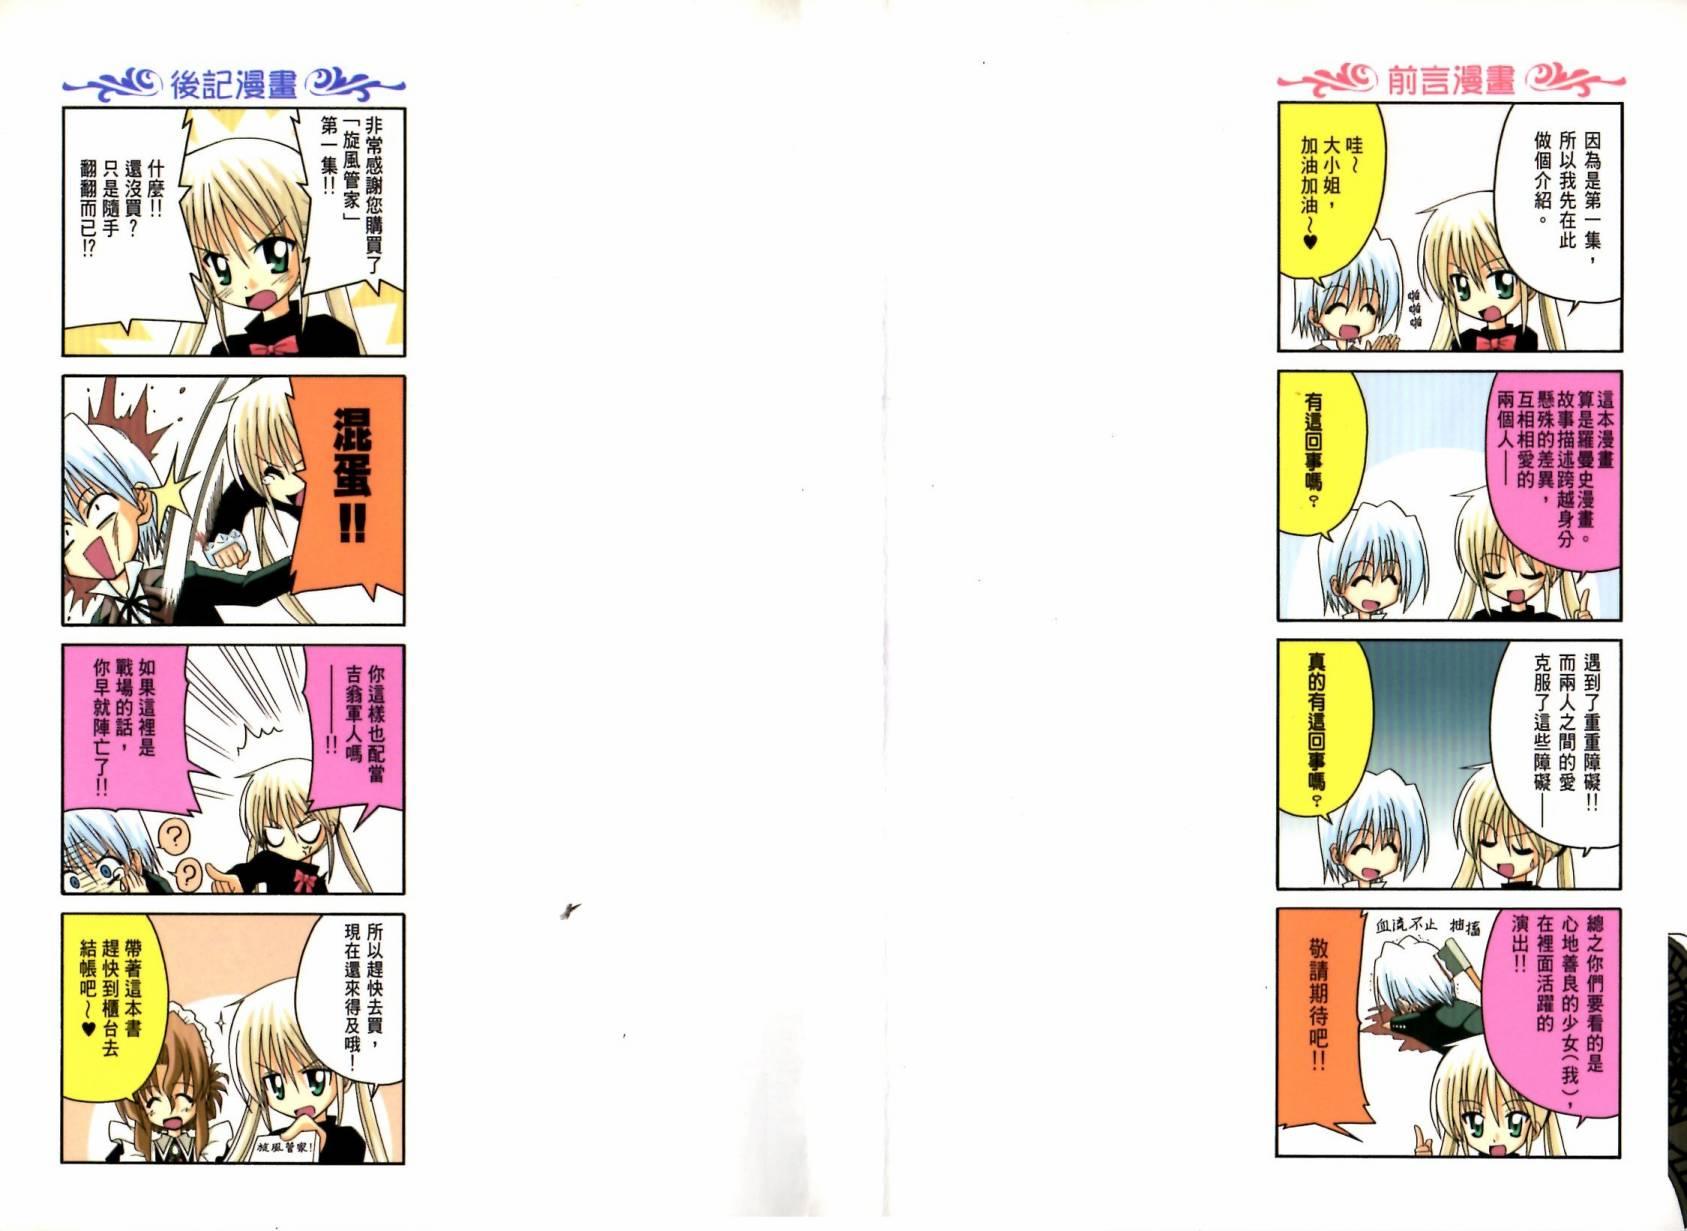 旋风管家漫画-旋风管家全集免费阅读观看